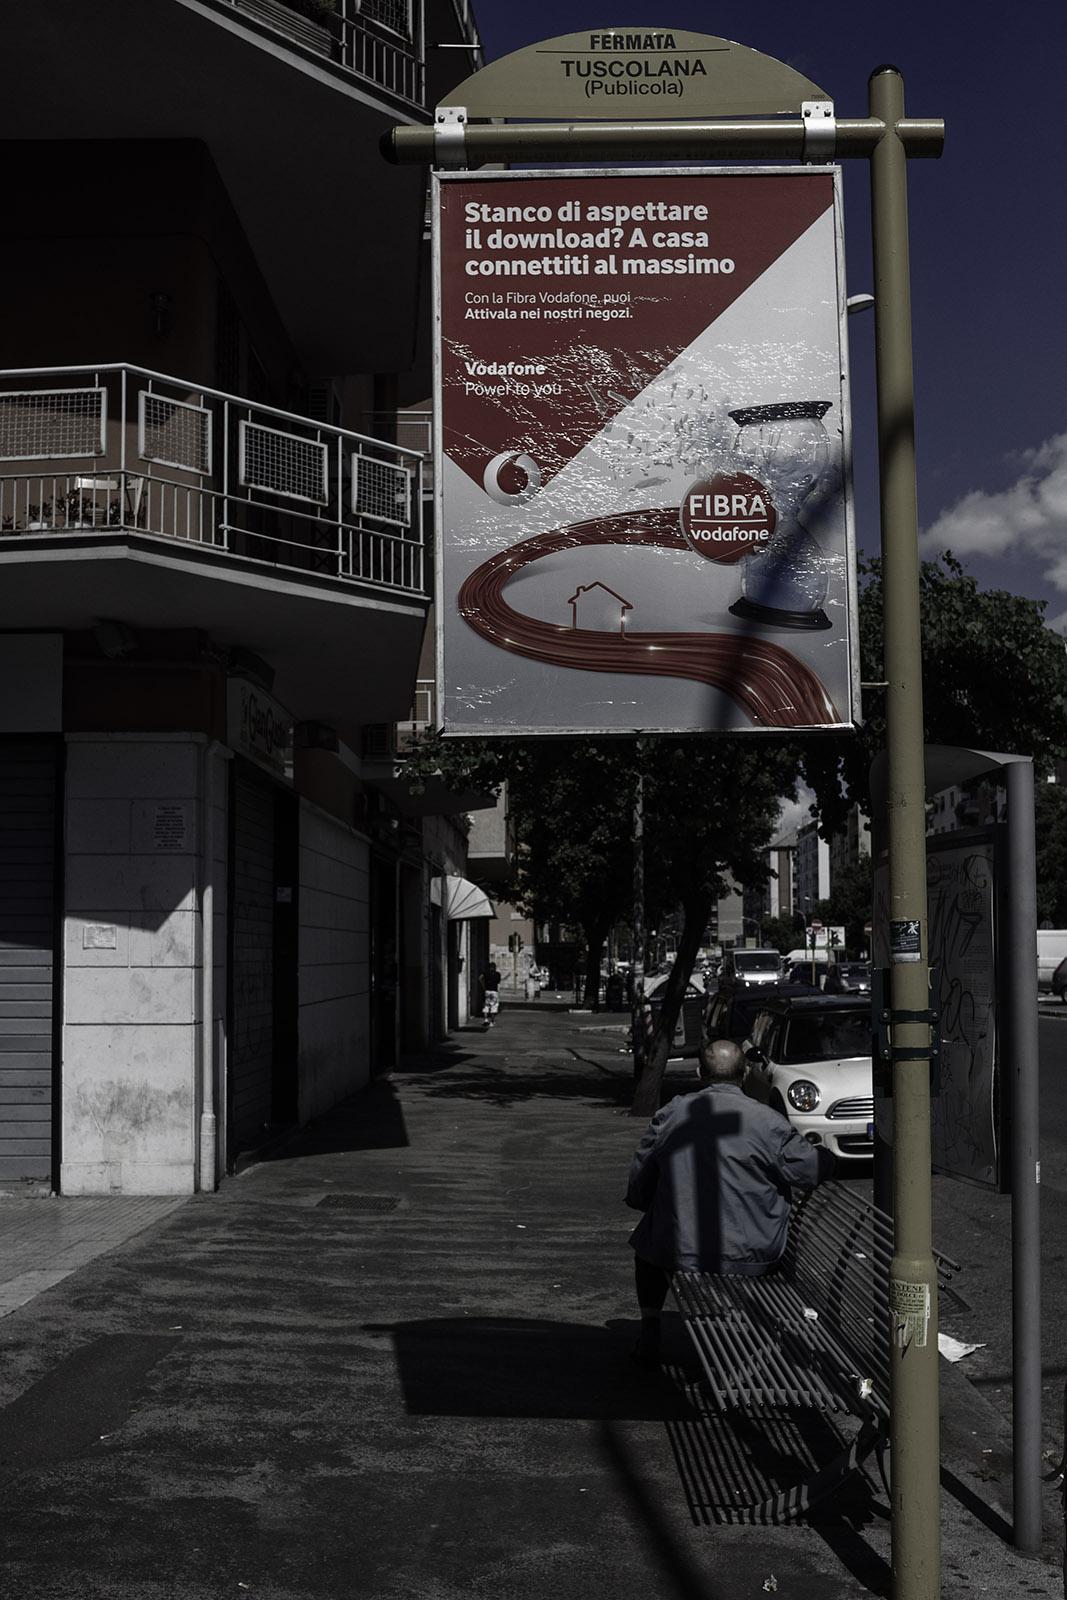 Roma_street_012V_1600.jpg